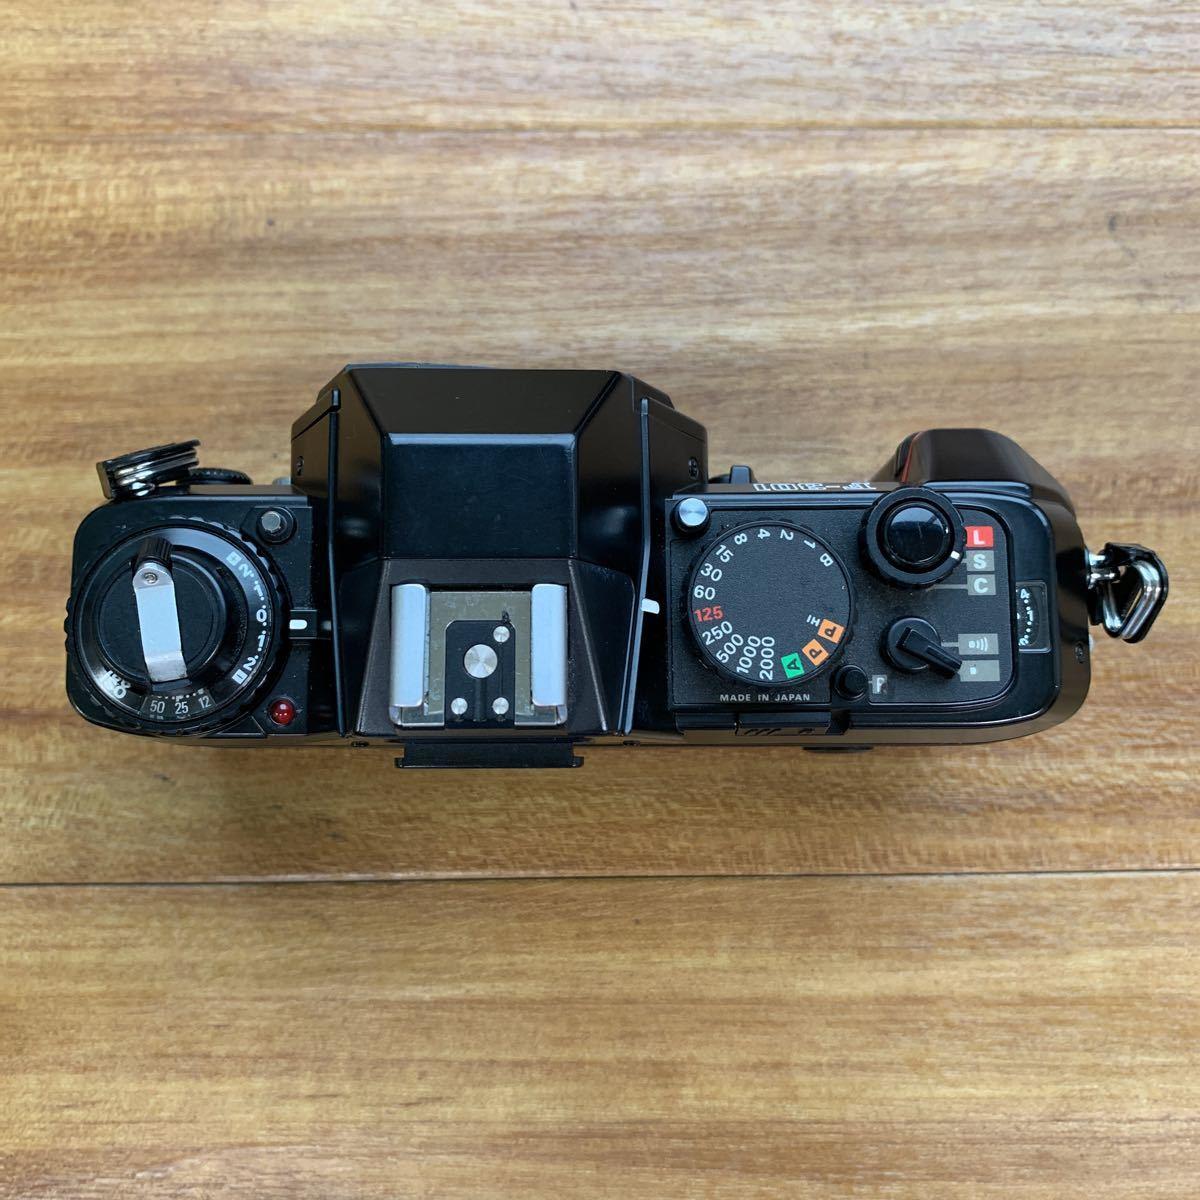 返品不可 ジャンク Nikon F 301 +minolta 110 zoom markⅡ 動作未確認 #j492_画像4